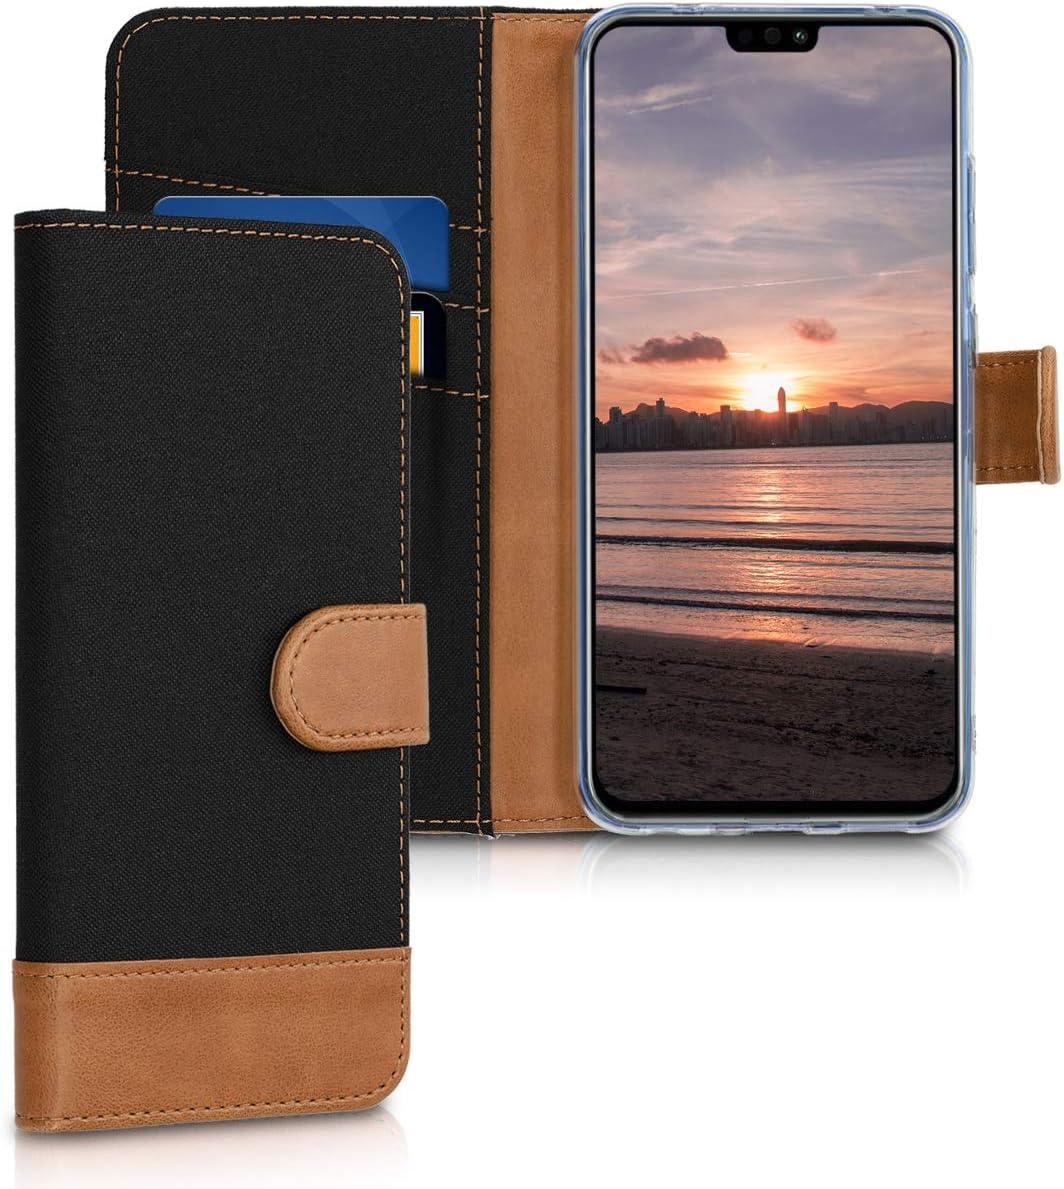 kwmobile Funda Compatible con Huawei Honor 8X - Carcasa de Tela y Cuero sintético Tarjetero Negro/marrón